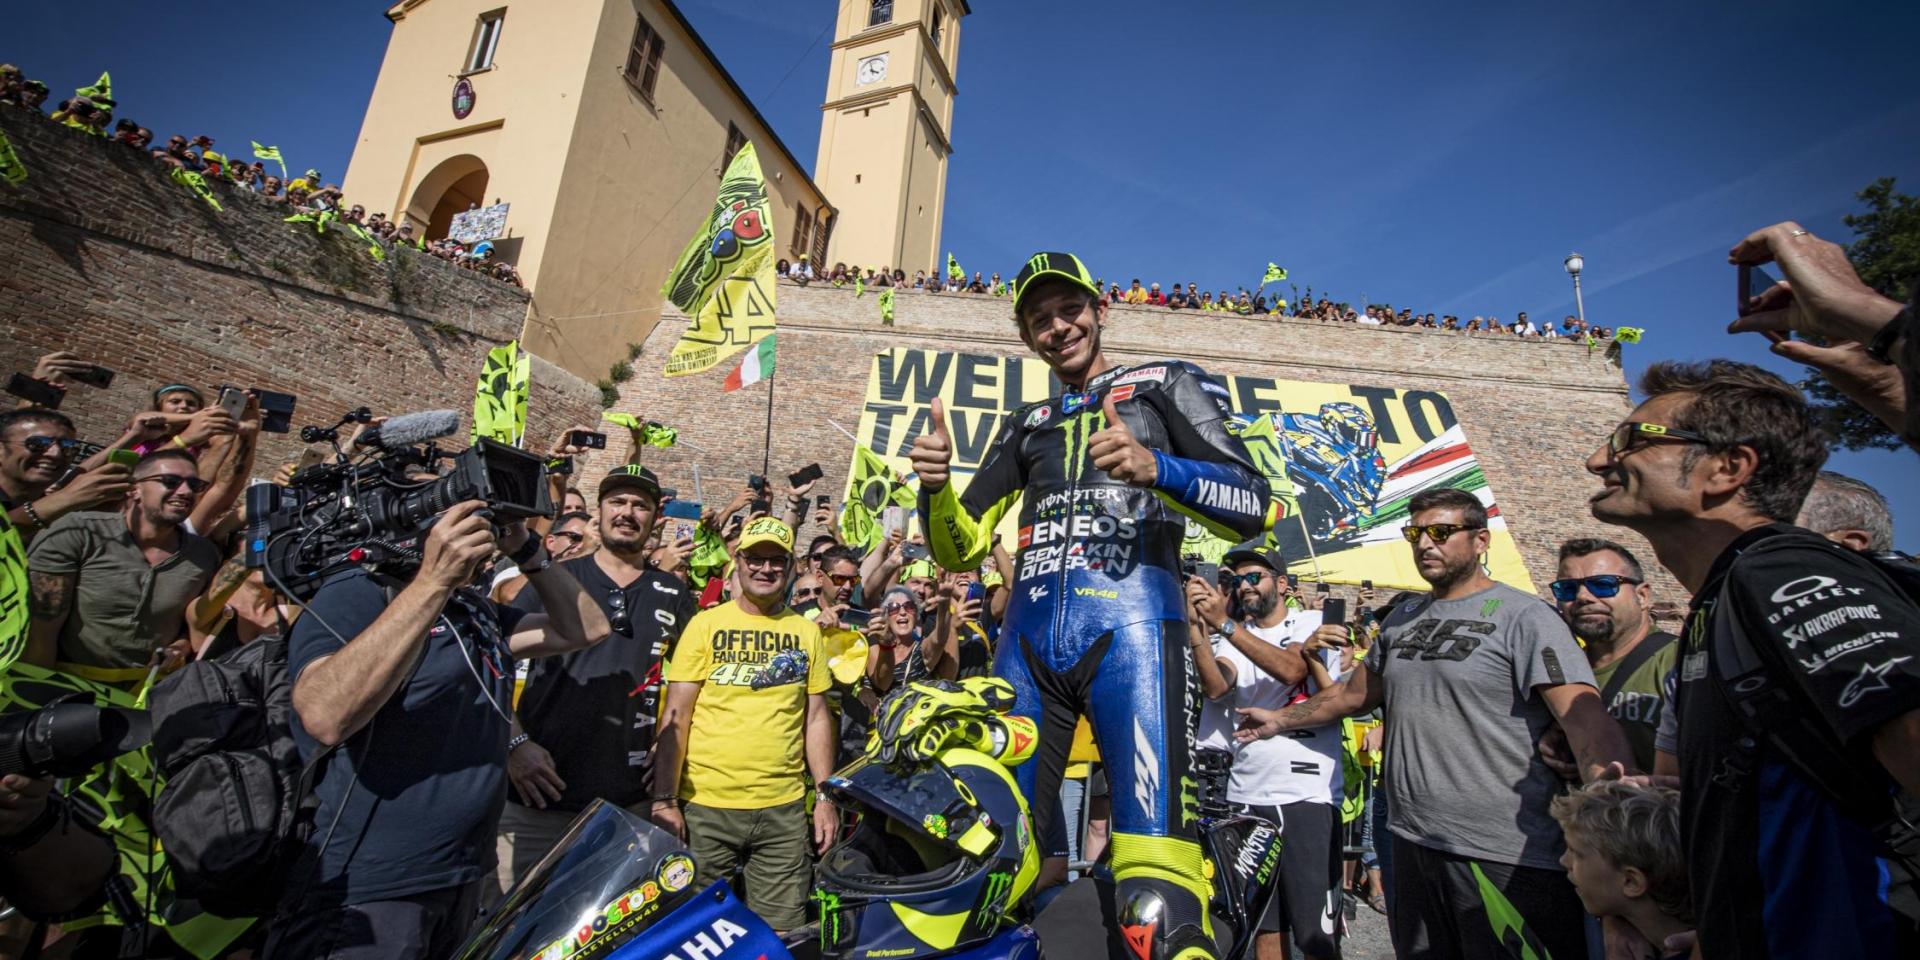 故鄉英雄!主場之戰,Valentino Rossi從家鄉Tavullia出發!